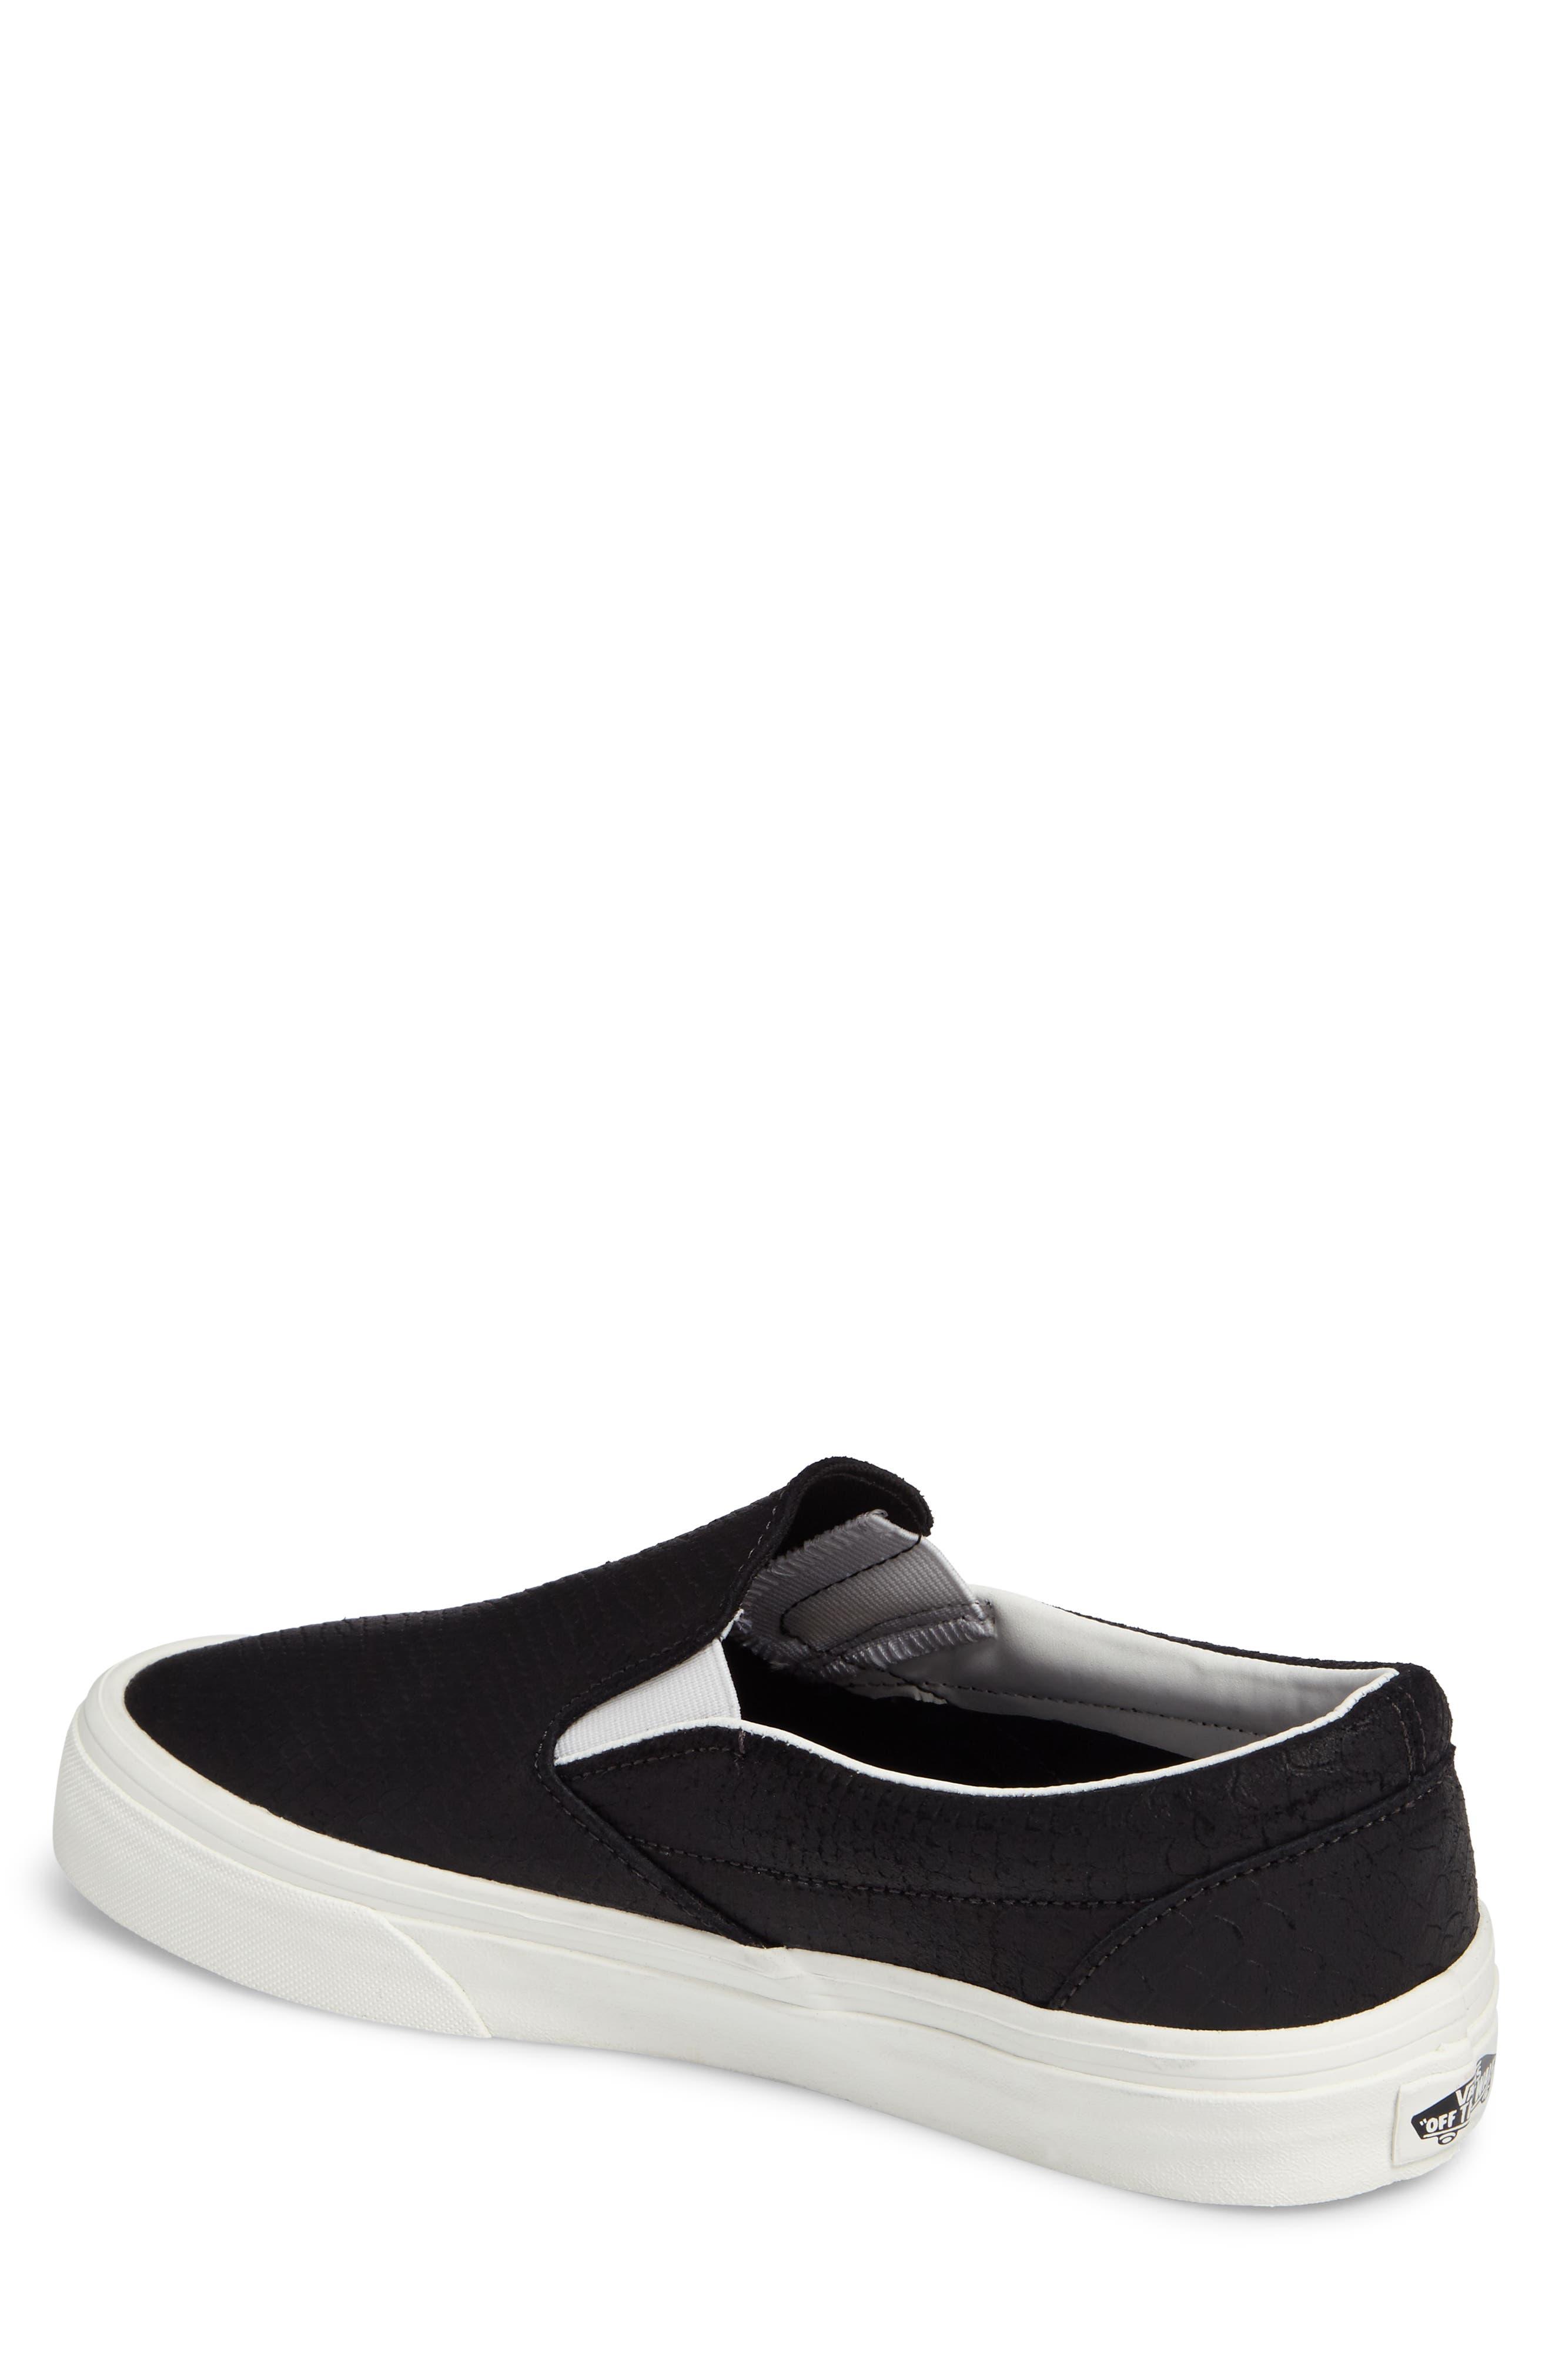 Alternate Image 2  - Vans 'Classic' Slip-On Sneaker (Men)